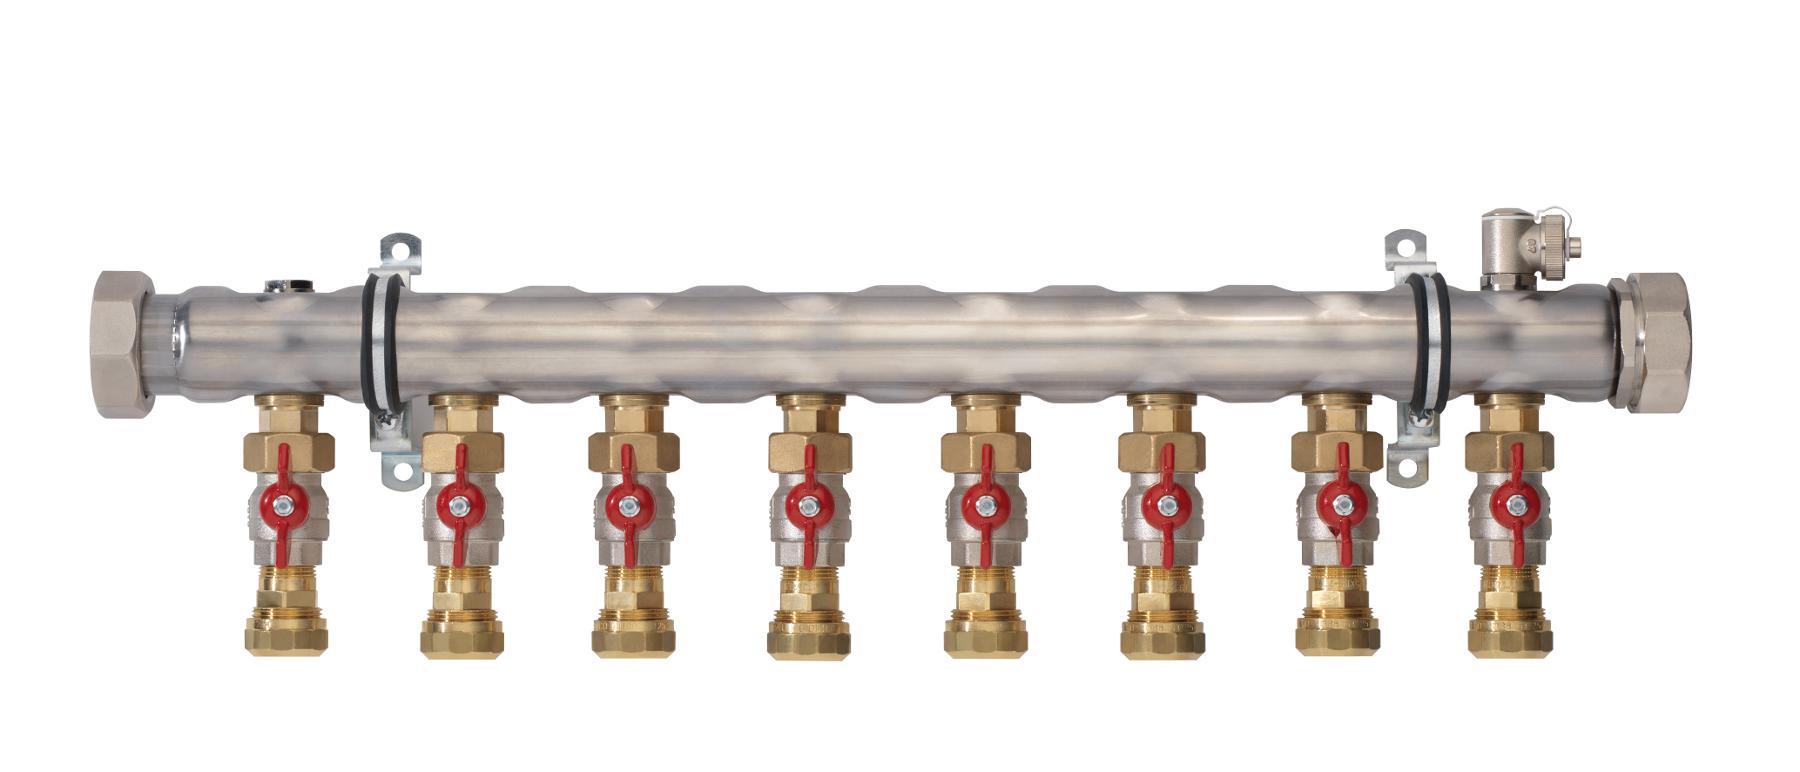 Промышленный коллектор с регулирующими вентилями на 11 контуров